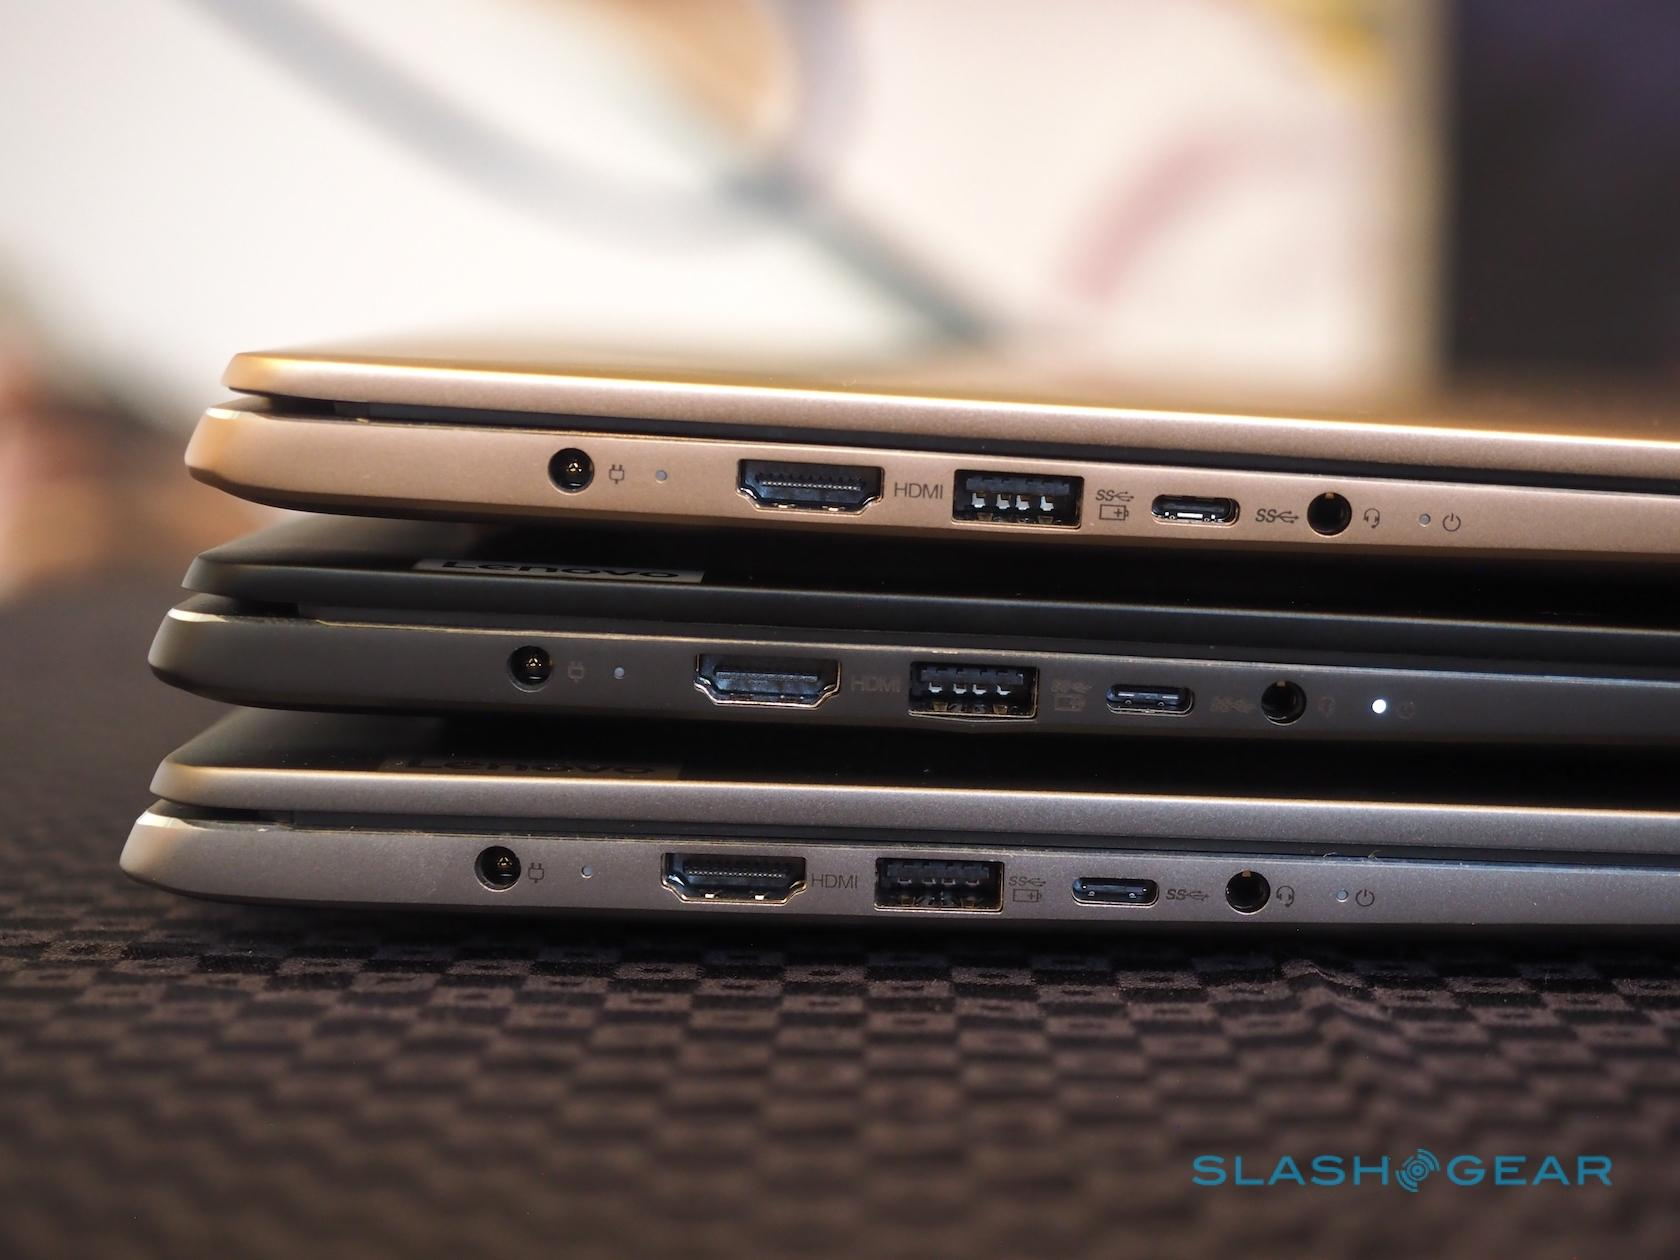 Lenovo IdeaPad 330, 330S, and 530S laptops start at $250 - SlashGear